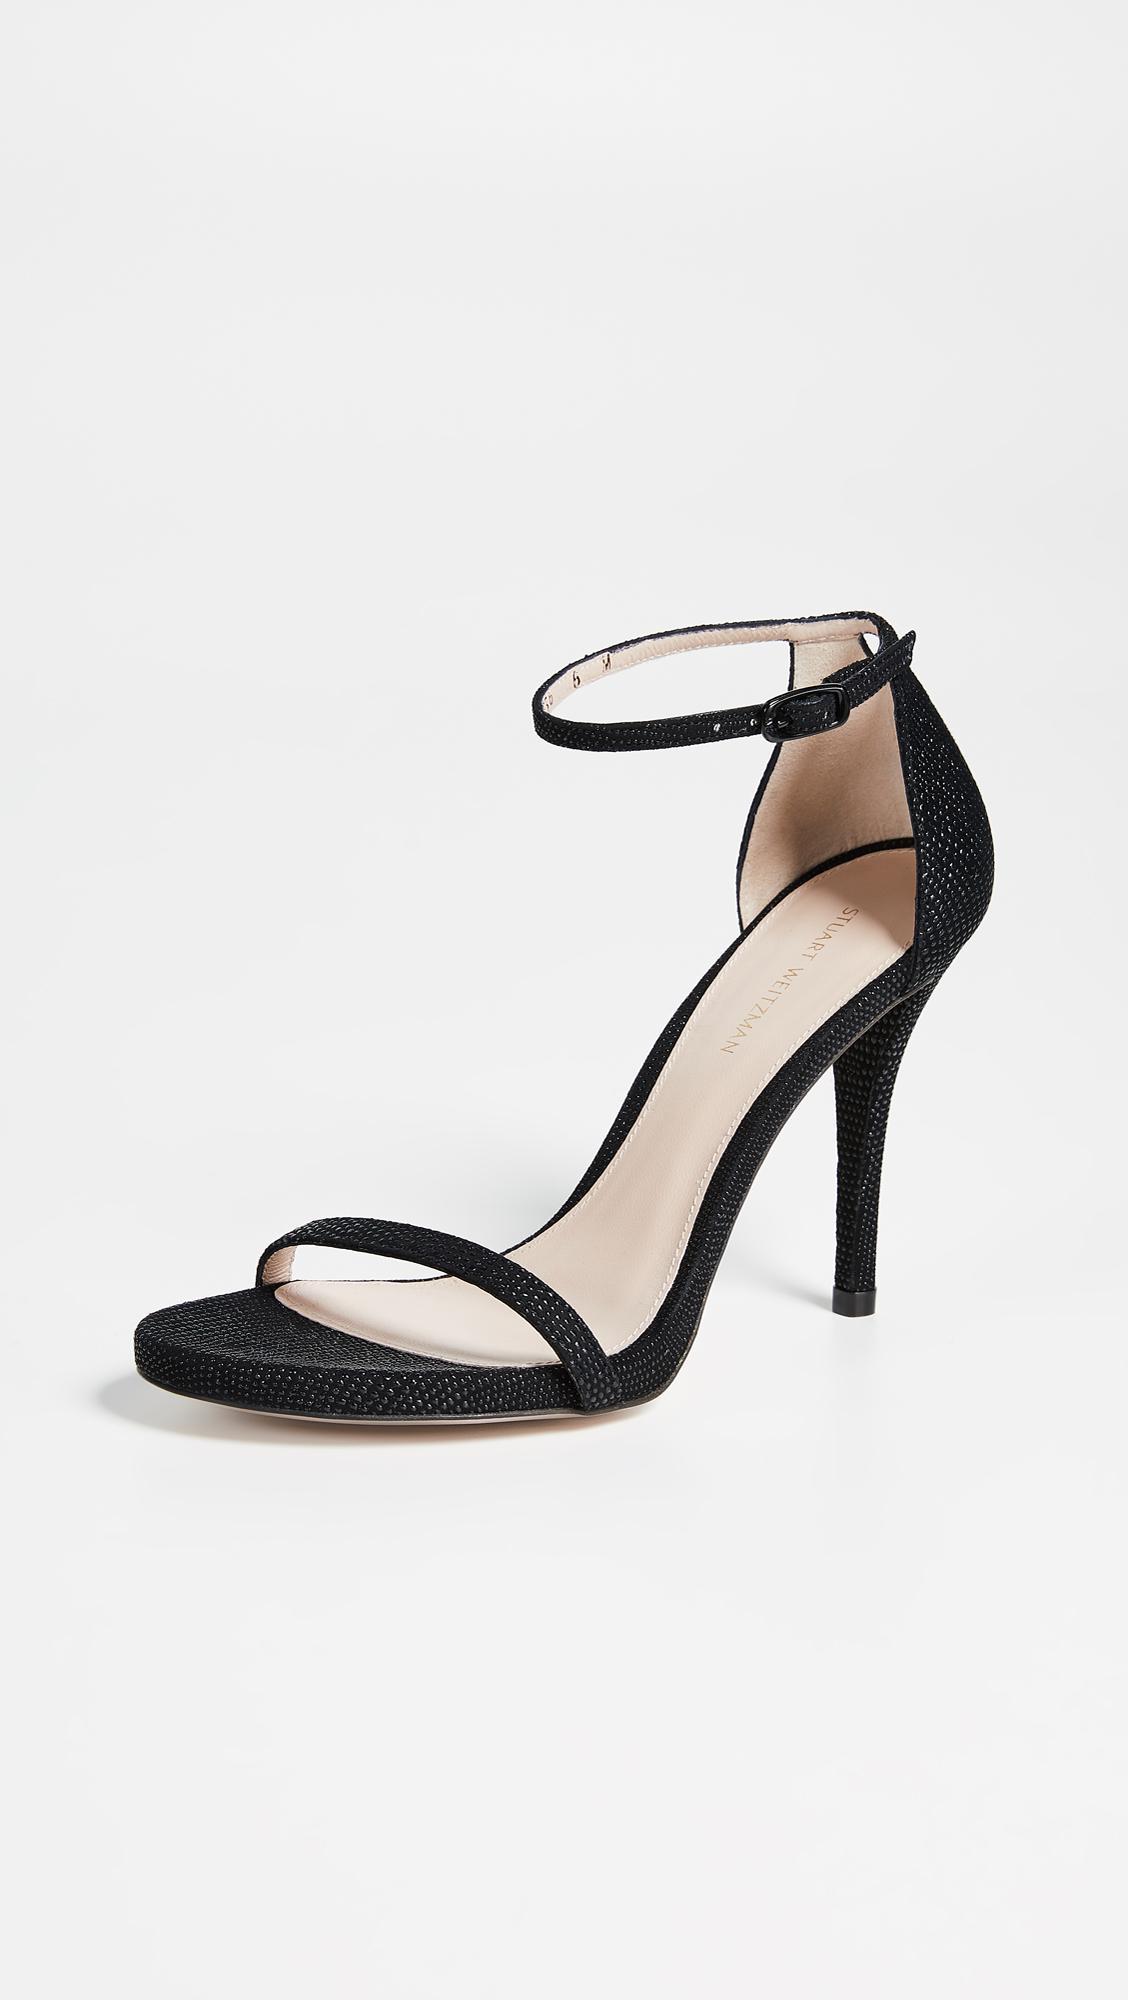 476d1816f84 Stuart Weitzman - Black Nudist Curved Heel Sandals - Lyst. View fullscreen